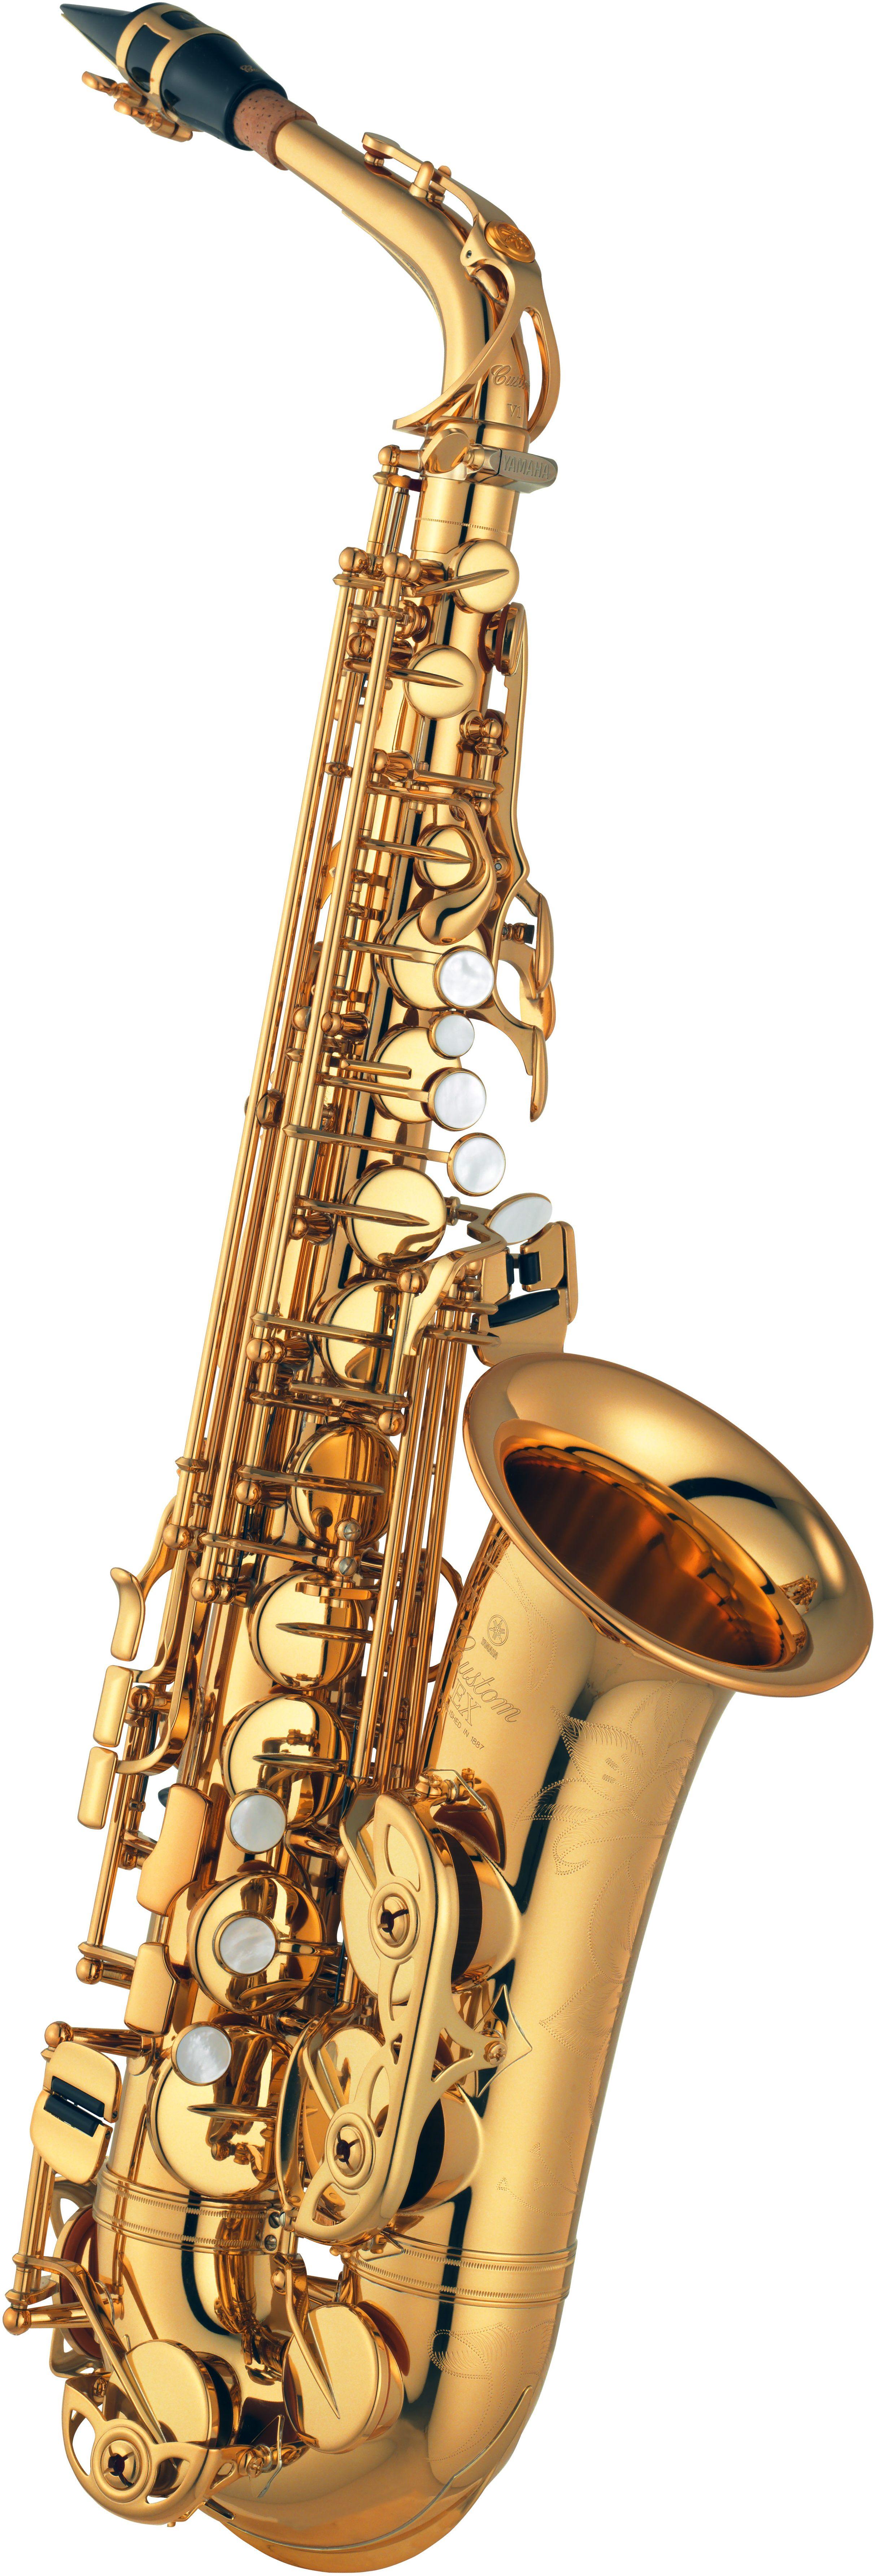 Yamaha - YAS - 875 - EX - Holzblasinstrumente - Saxophone | MUSIK BERTRAM Deutschland Freiburg